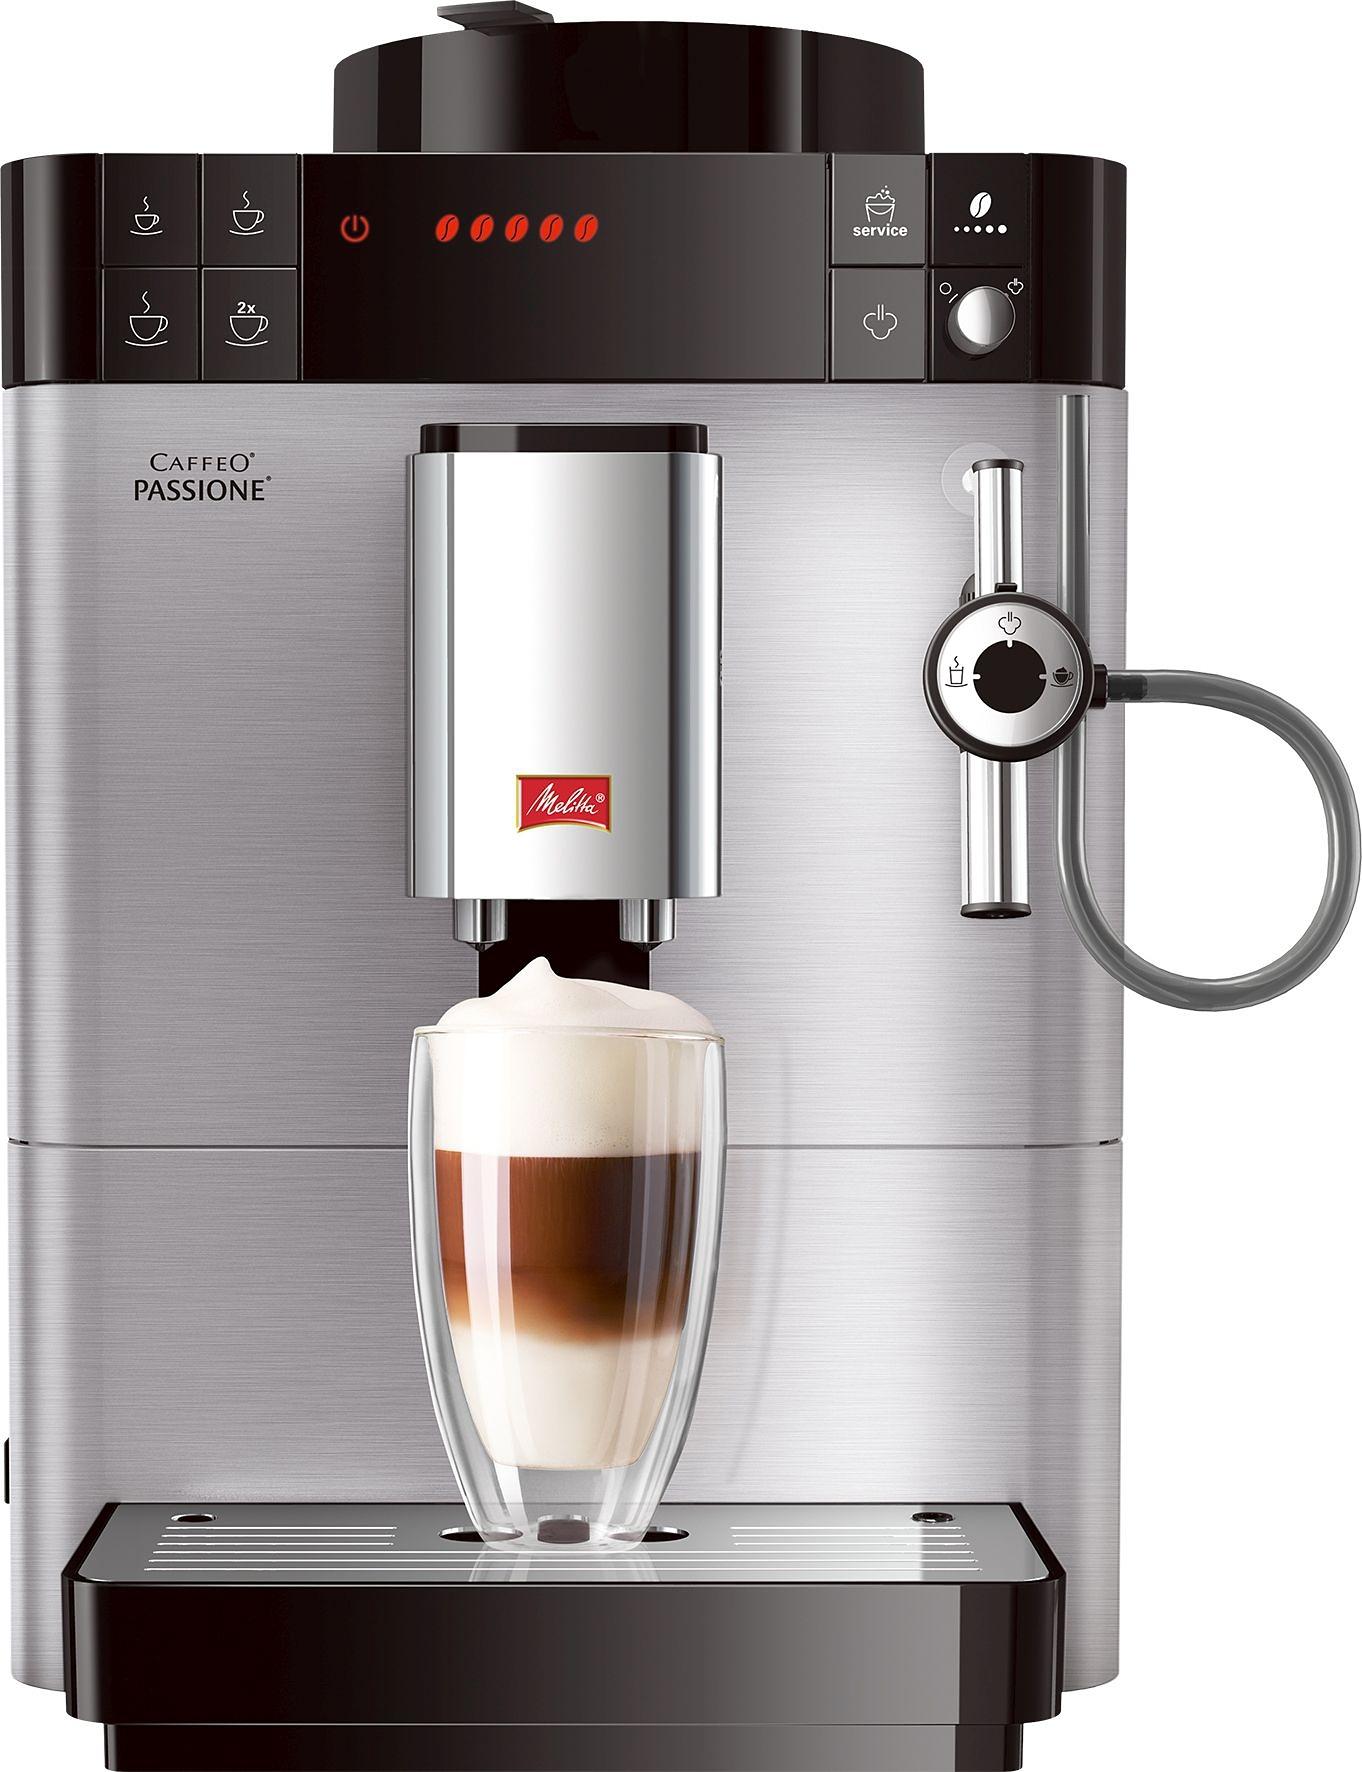 Melitta volautomatisch koffiezetapparaat Caffeo Passione, edelstaal online kopen op otto.nl